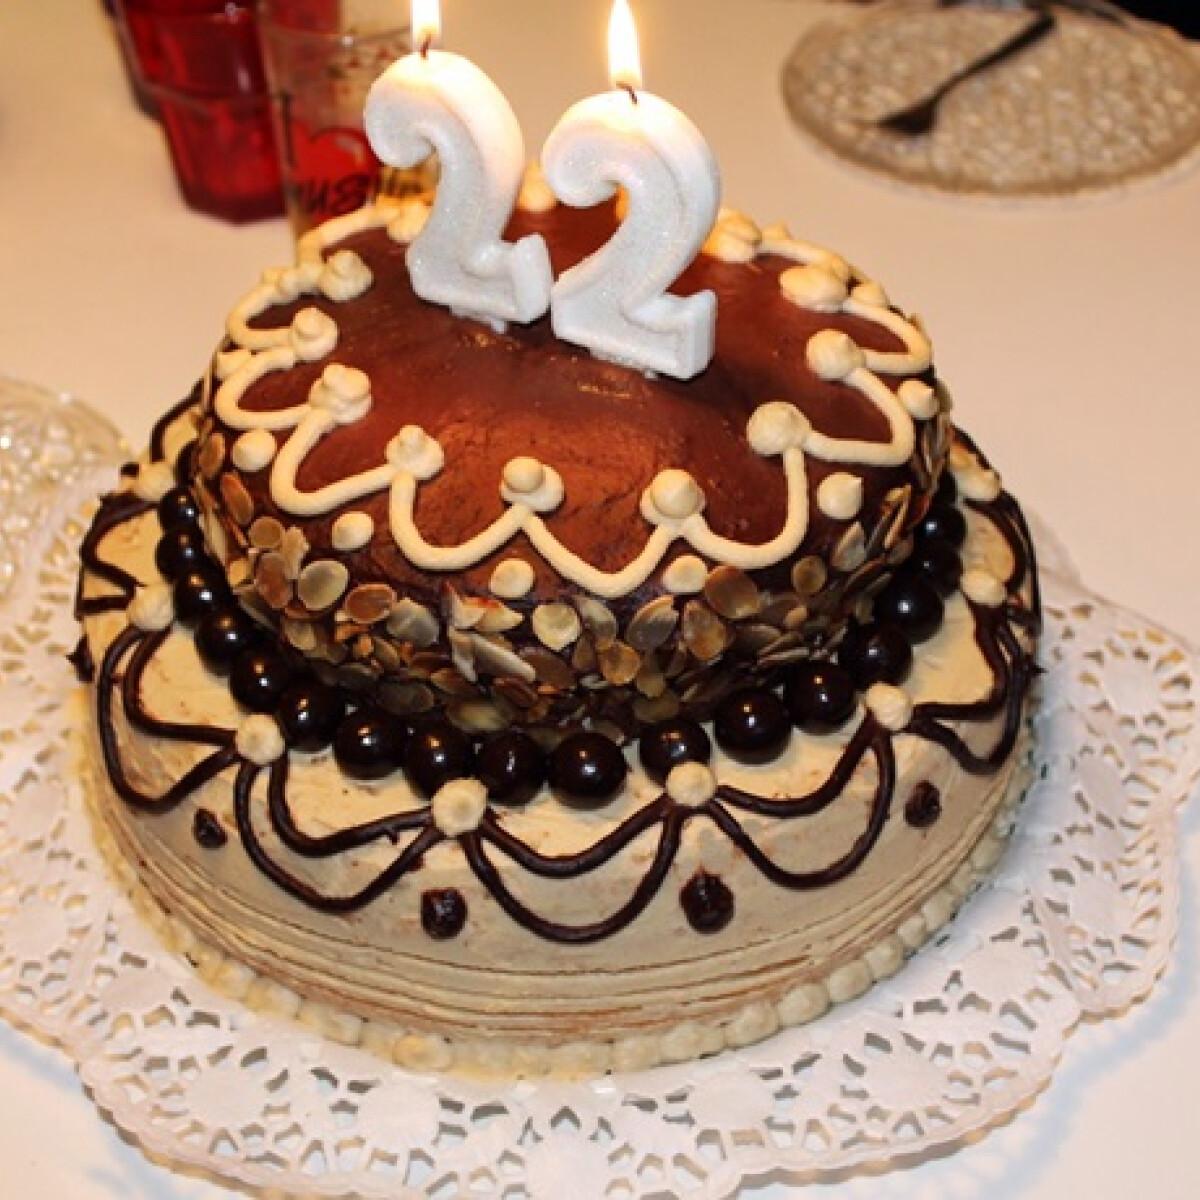 Ezen a képen: Mogyorós-csokoládés emeletes torta Iluskától